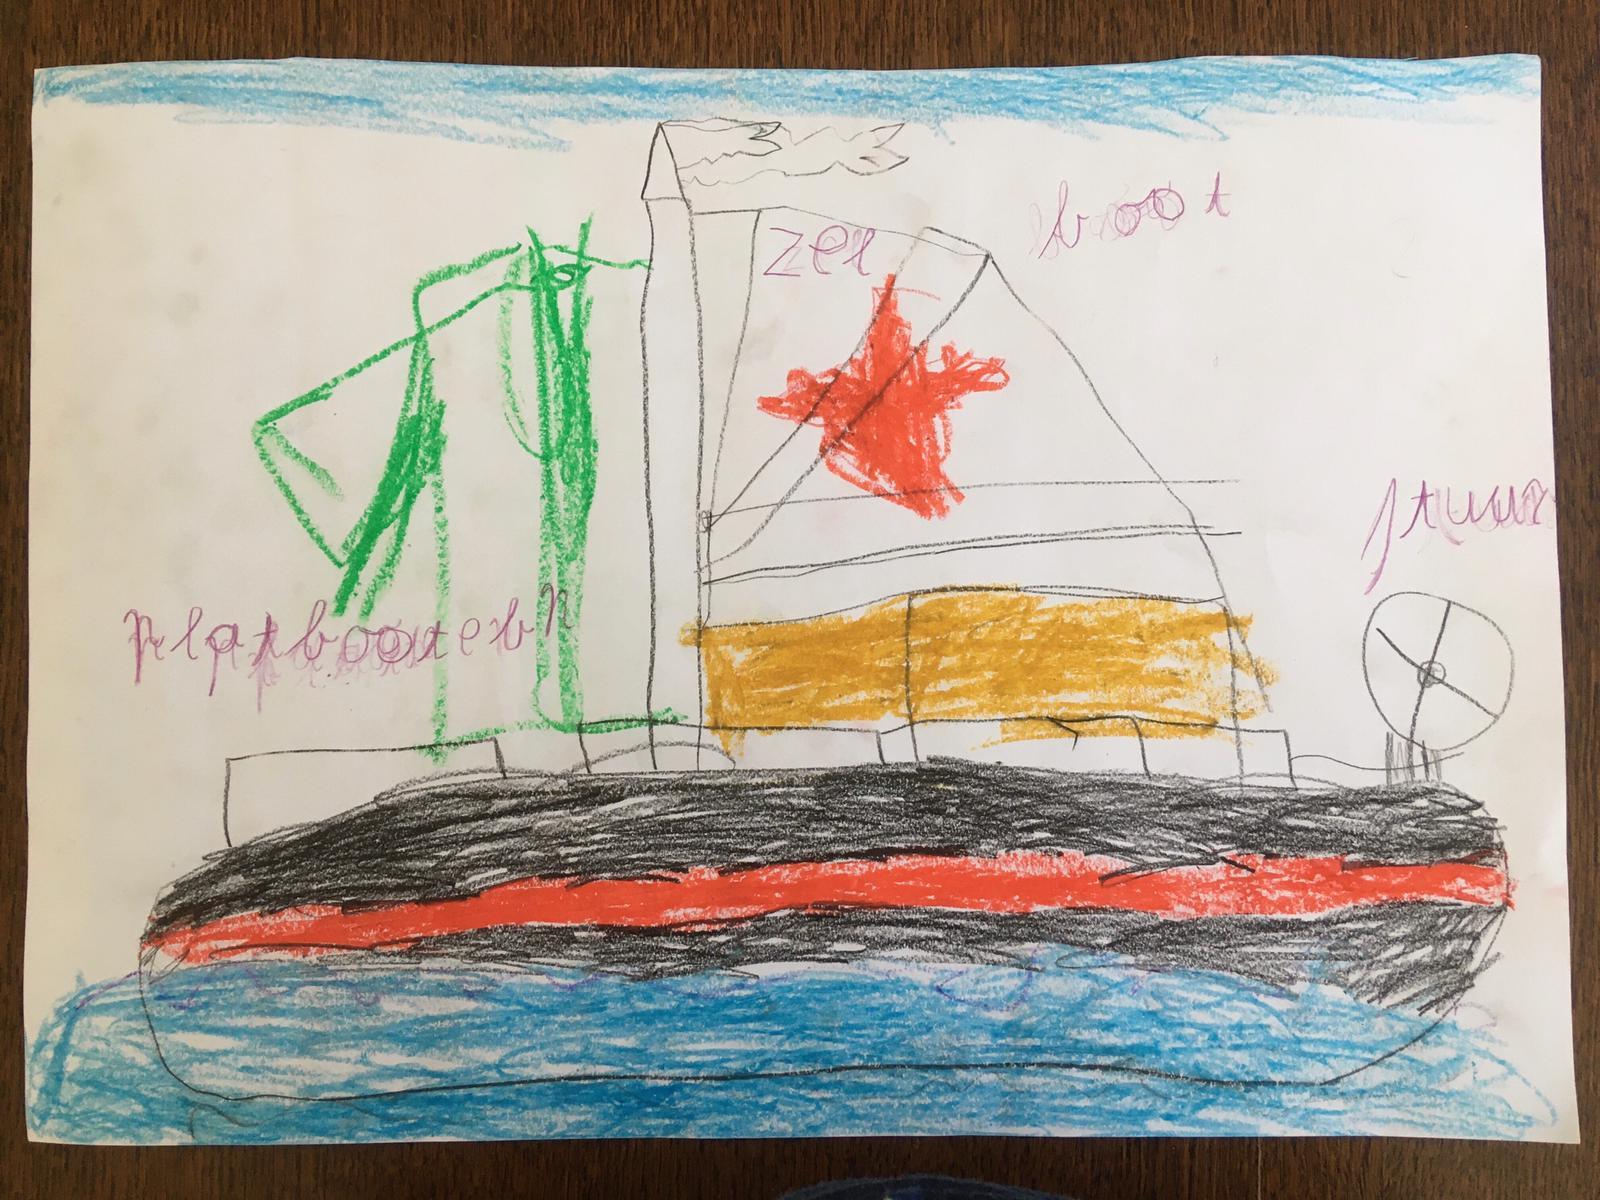 Tekening van de klipper nova cura gemaakt tijdens eilandhoppen